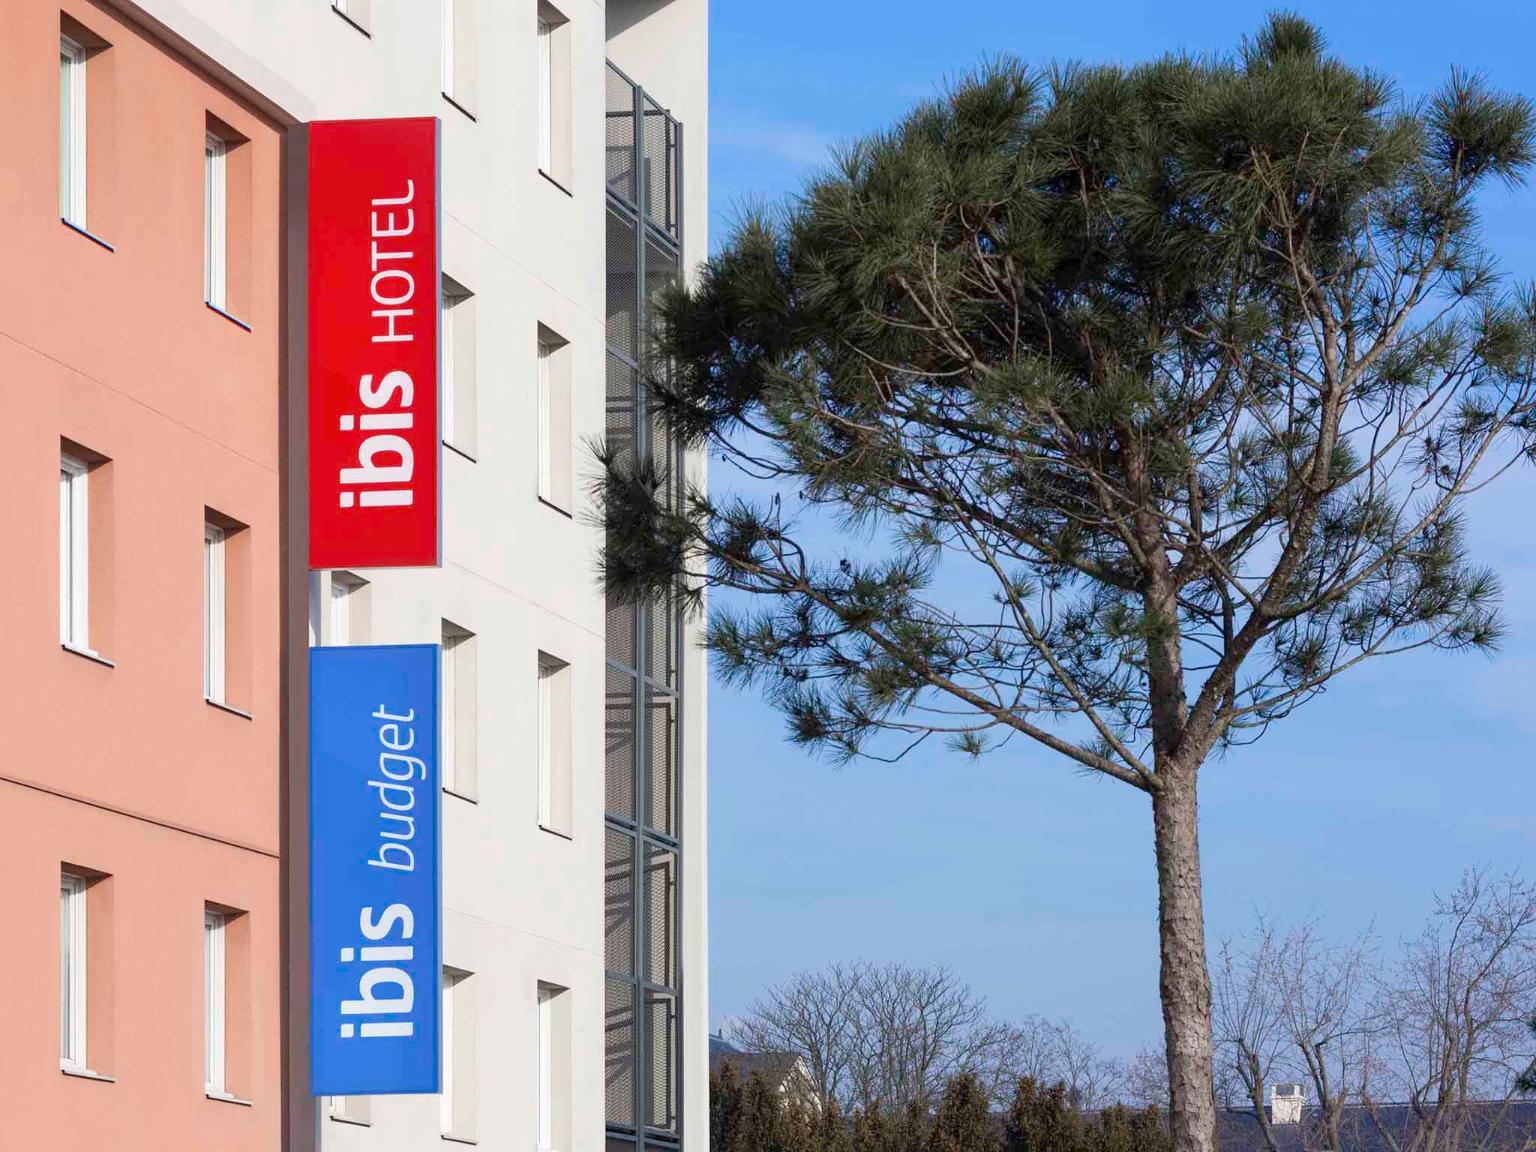 Hotel Ibis Asni Ef Bf Bdres Sur Seine